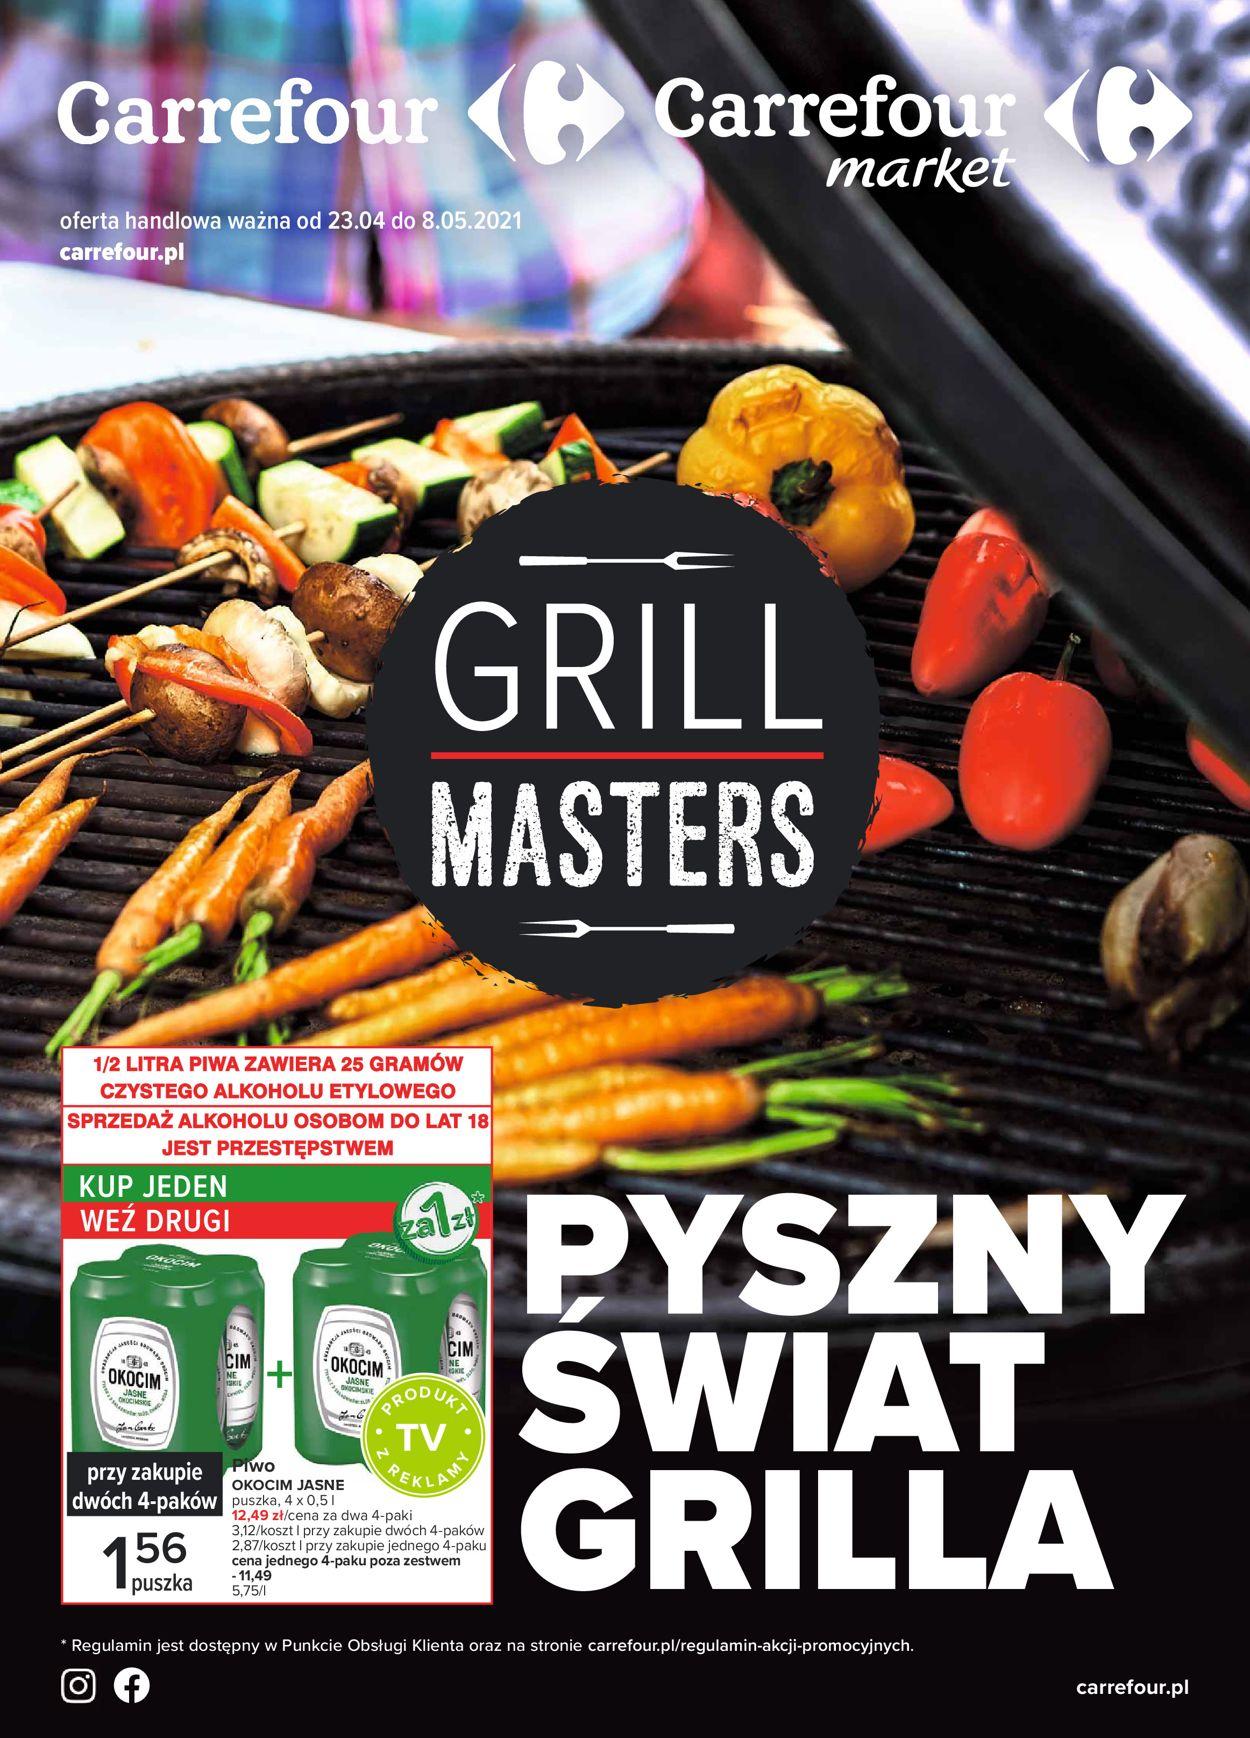 Gazetka promocyjna Carrefour Pyszny świat grilla - 23.04-08.05.2021